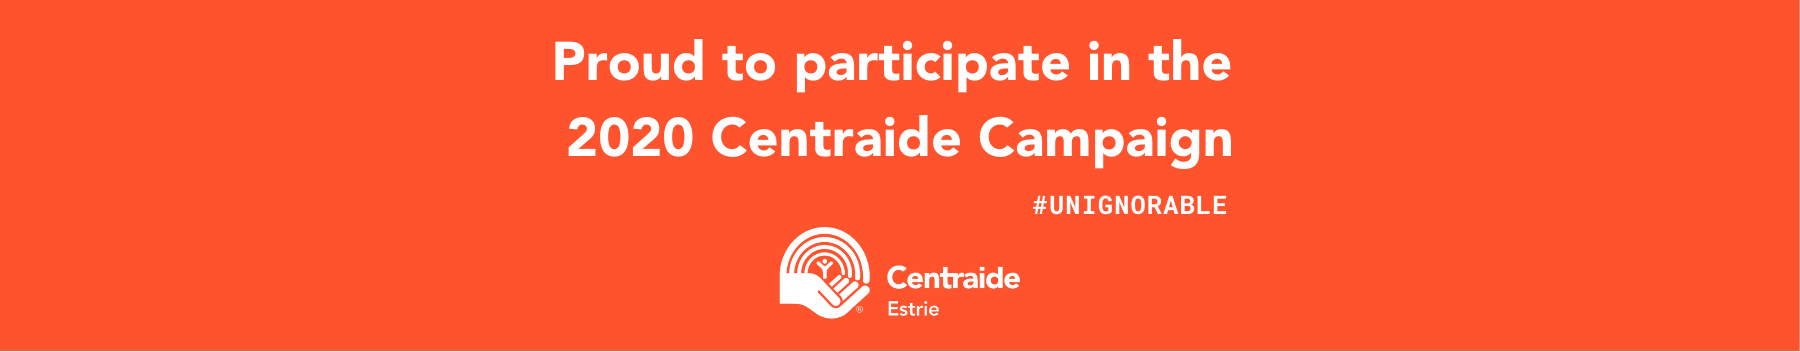 Centraide Campaign 2020